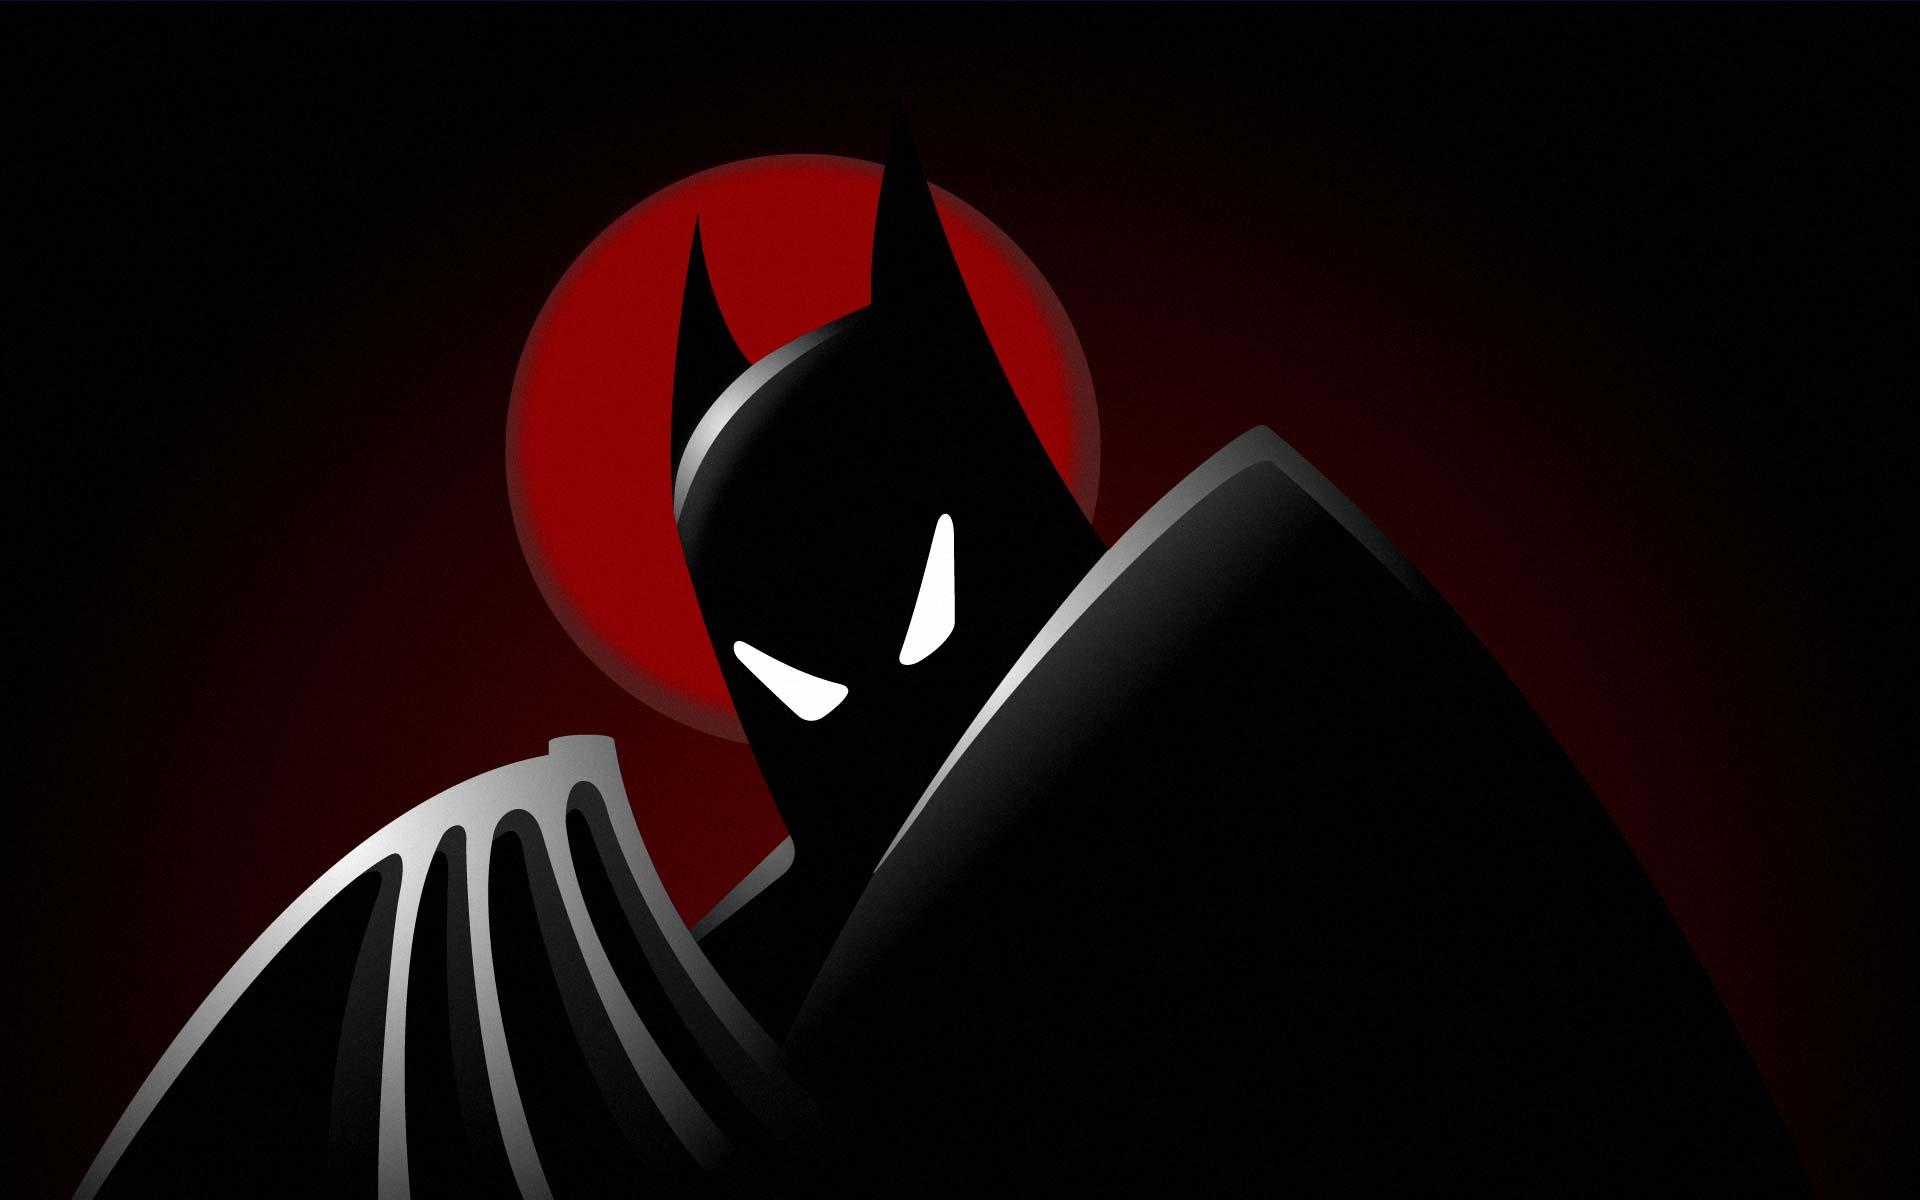 Batman Wallpaper   Batman Wallpaper   Cartoon Watcher 1920x1200